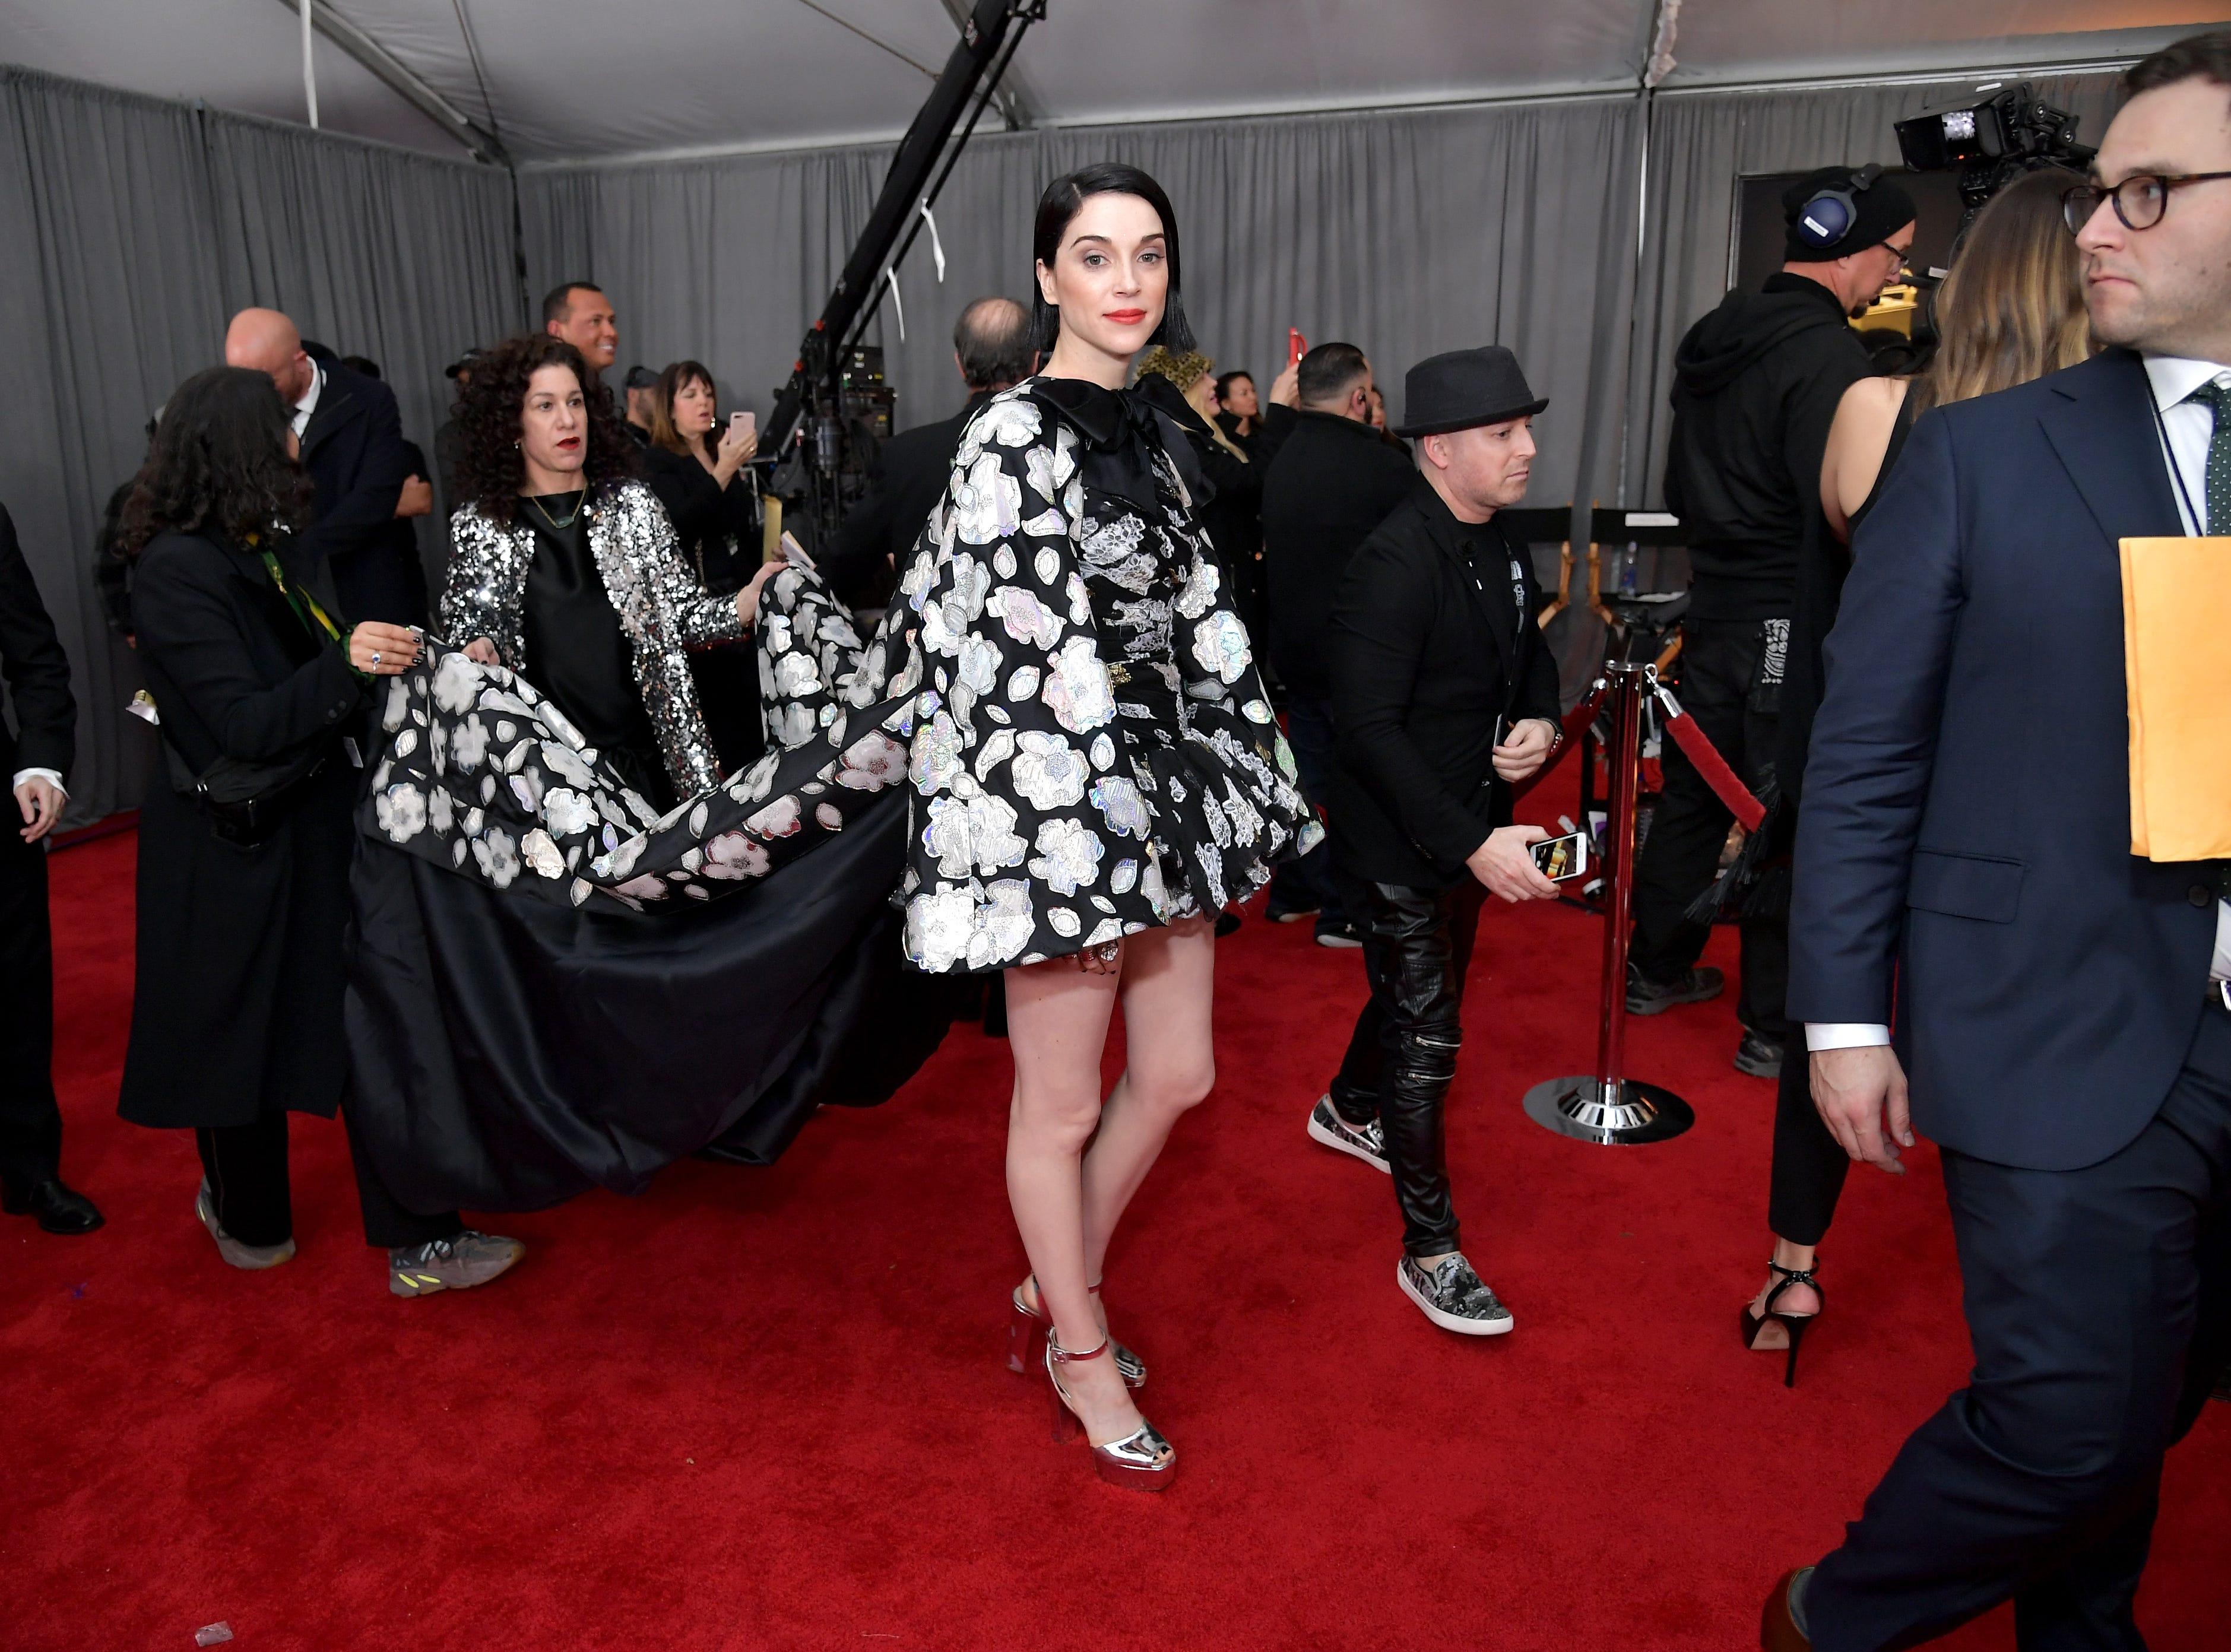 St. Vincent asiste a la 61ª edición de los premios GRAMMY en el Staples Center el 10 de febrero de 2019 en Los Ángeles, California.